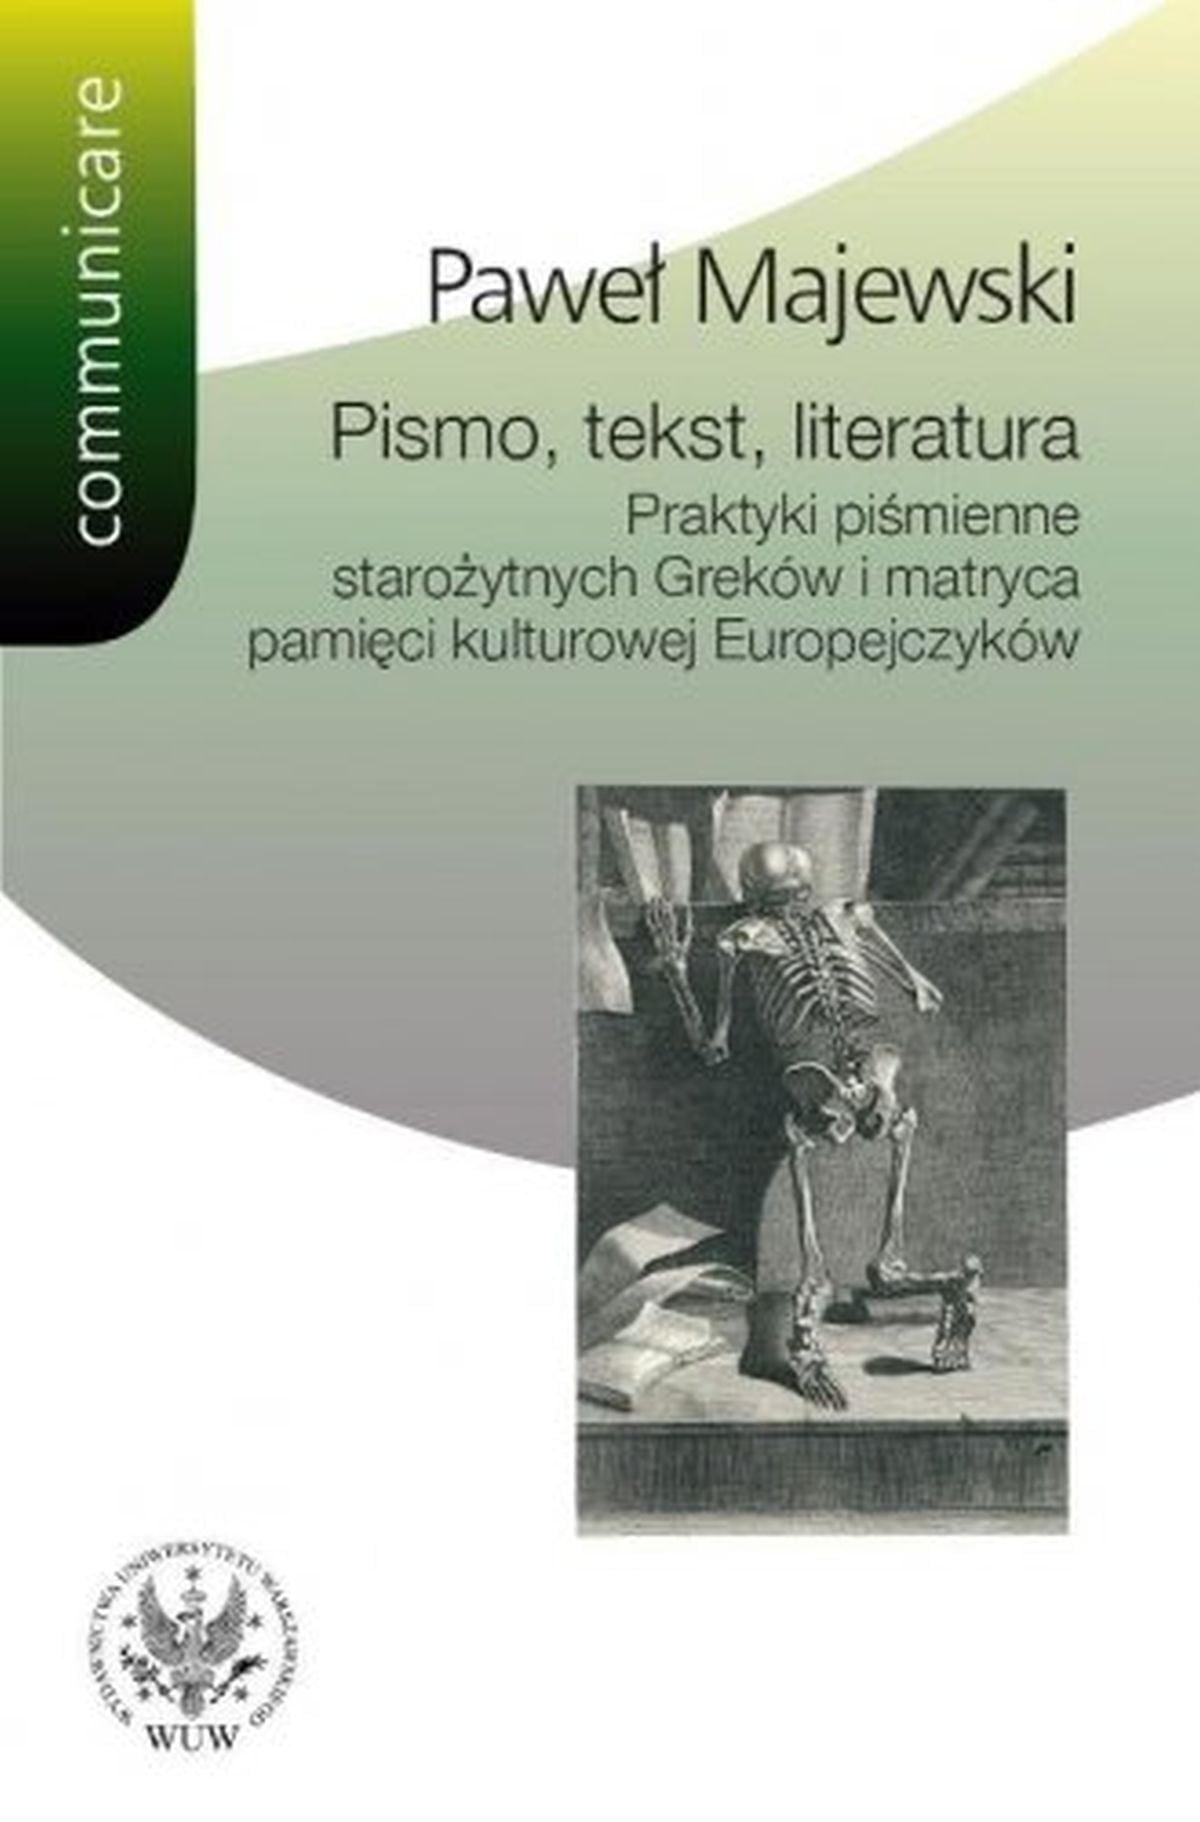 Pismo, tekst, literatura. Praktyki piśmienne starożytnych Greków i matryca pamięci kulturowej Europejczyków